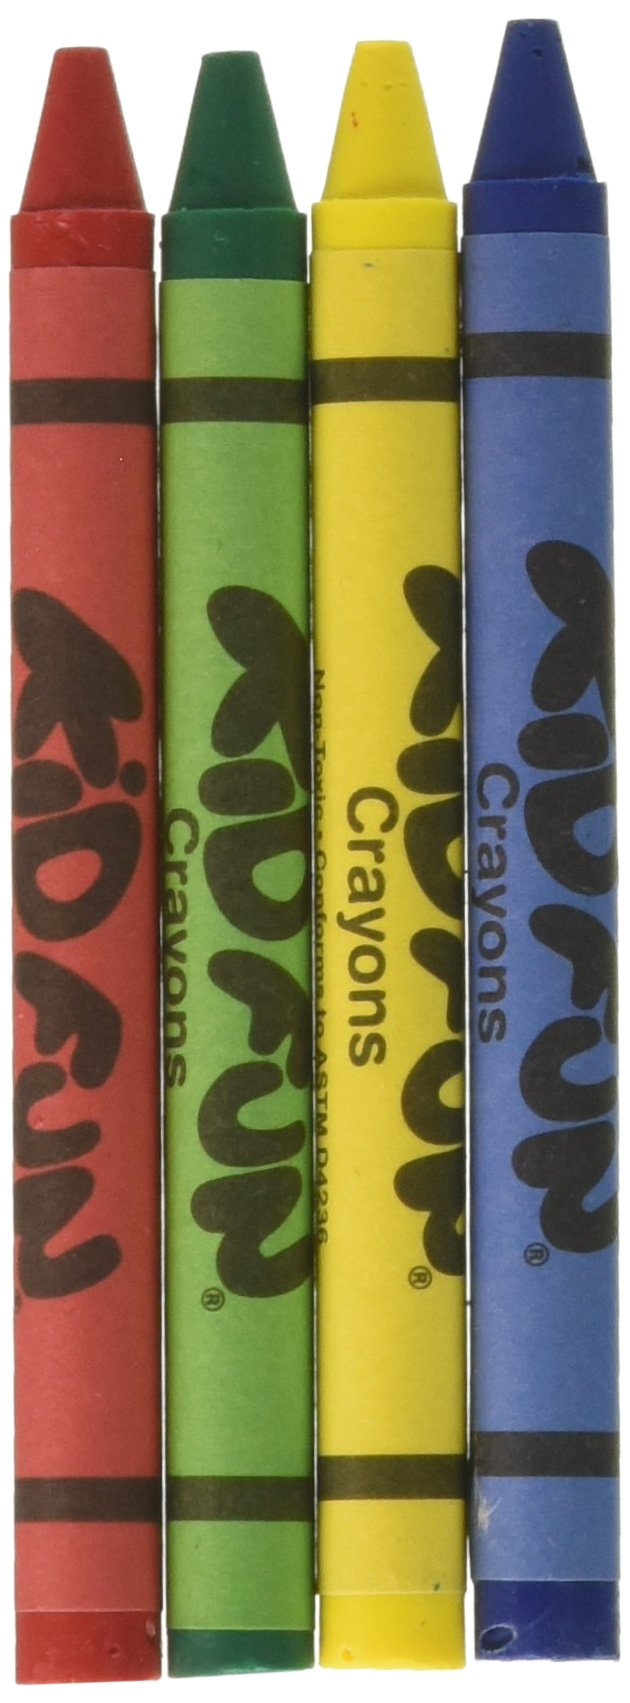 U.S. Toy 4-Pack Kid Fun Crayons - 72 Packs